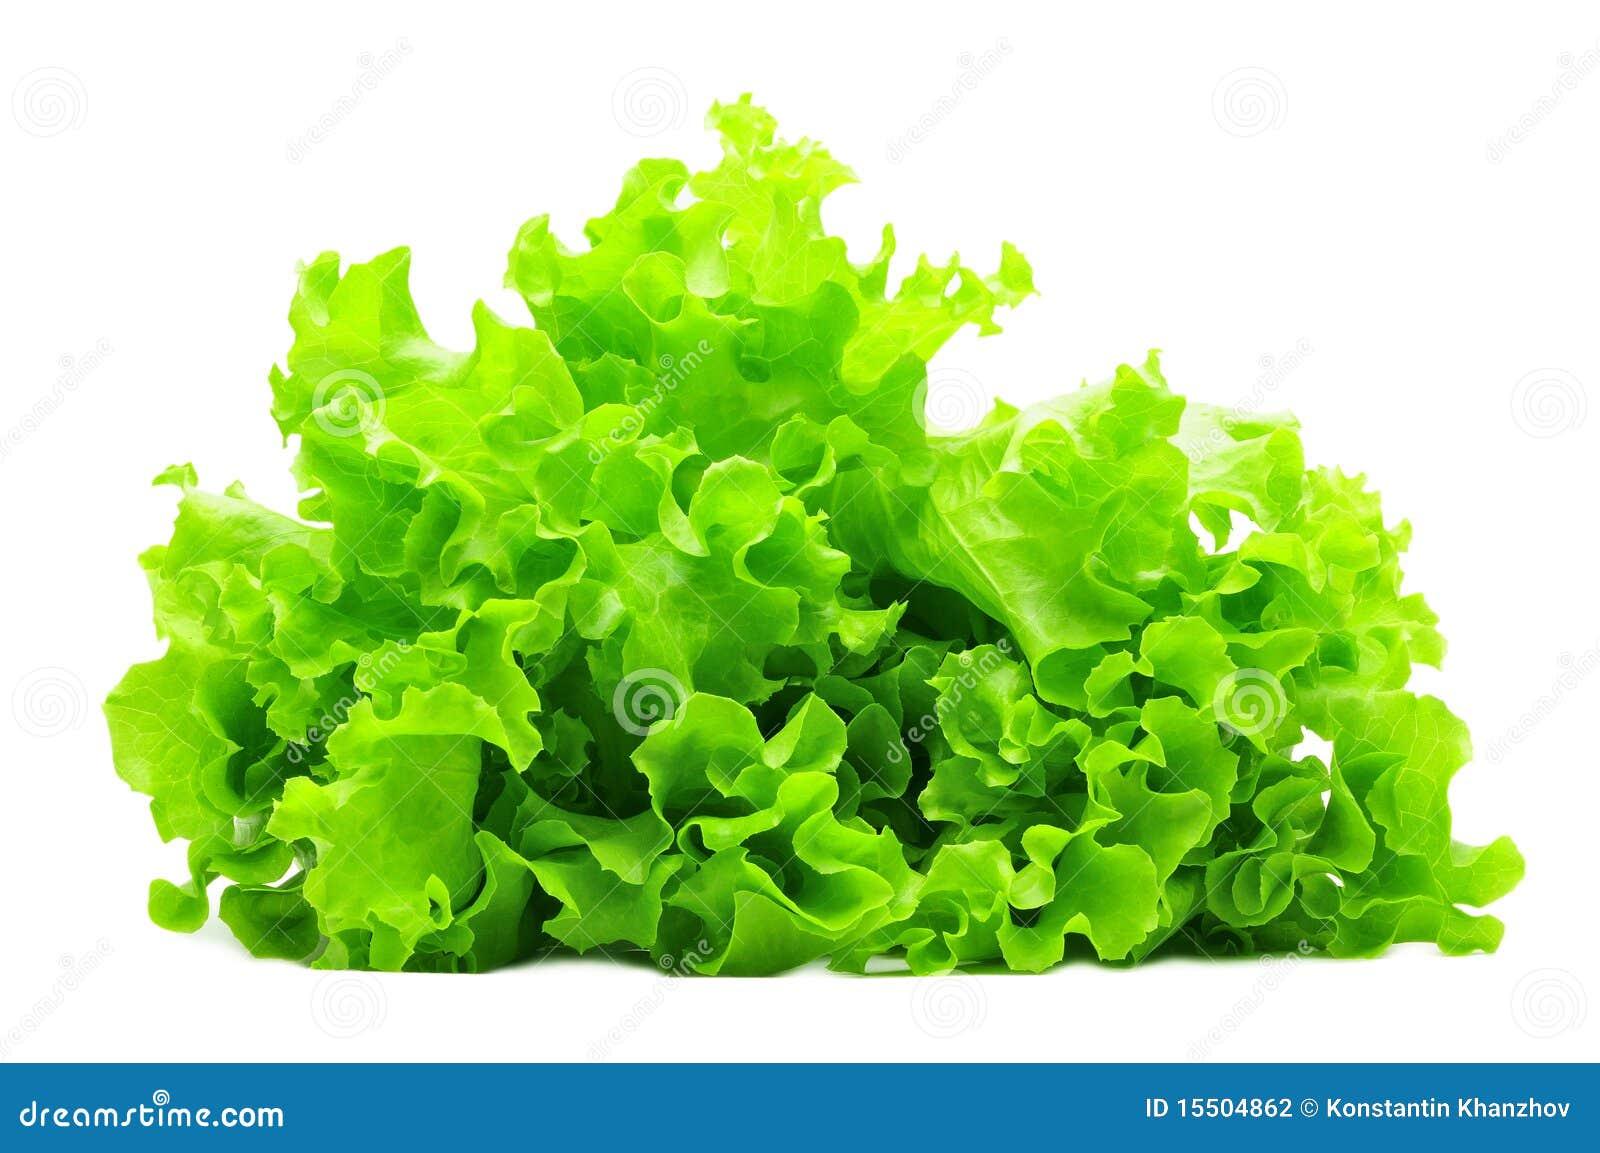 Manojo de ensalada verde aislado sobre blanco